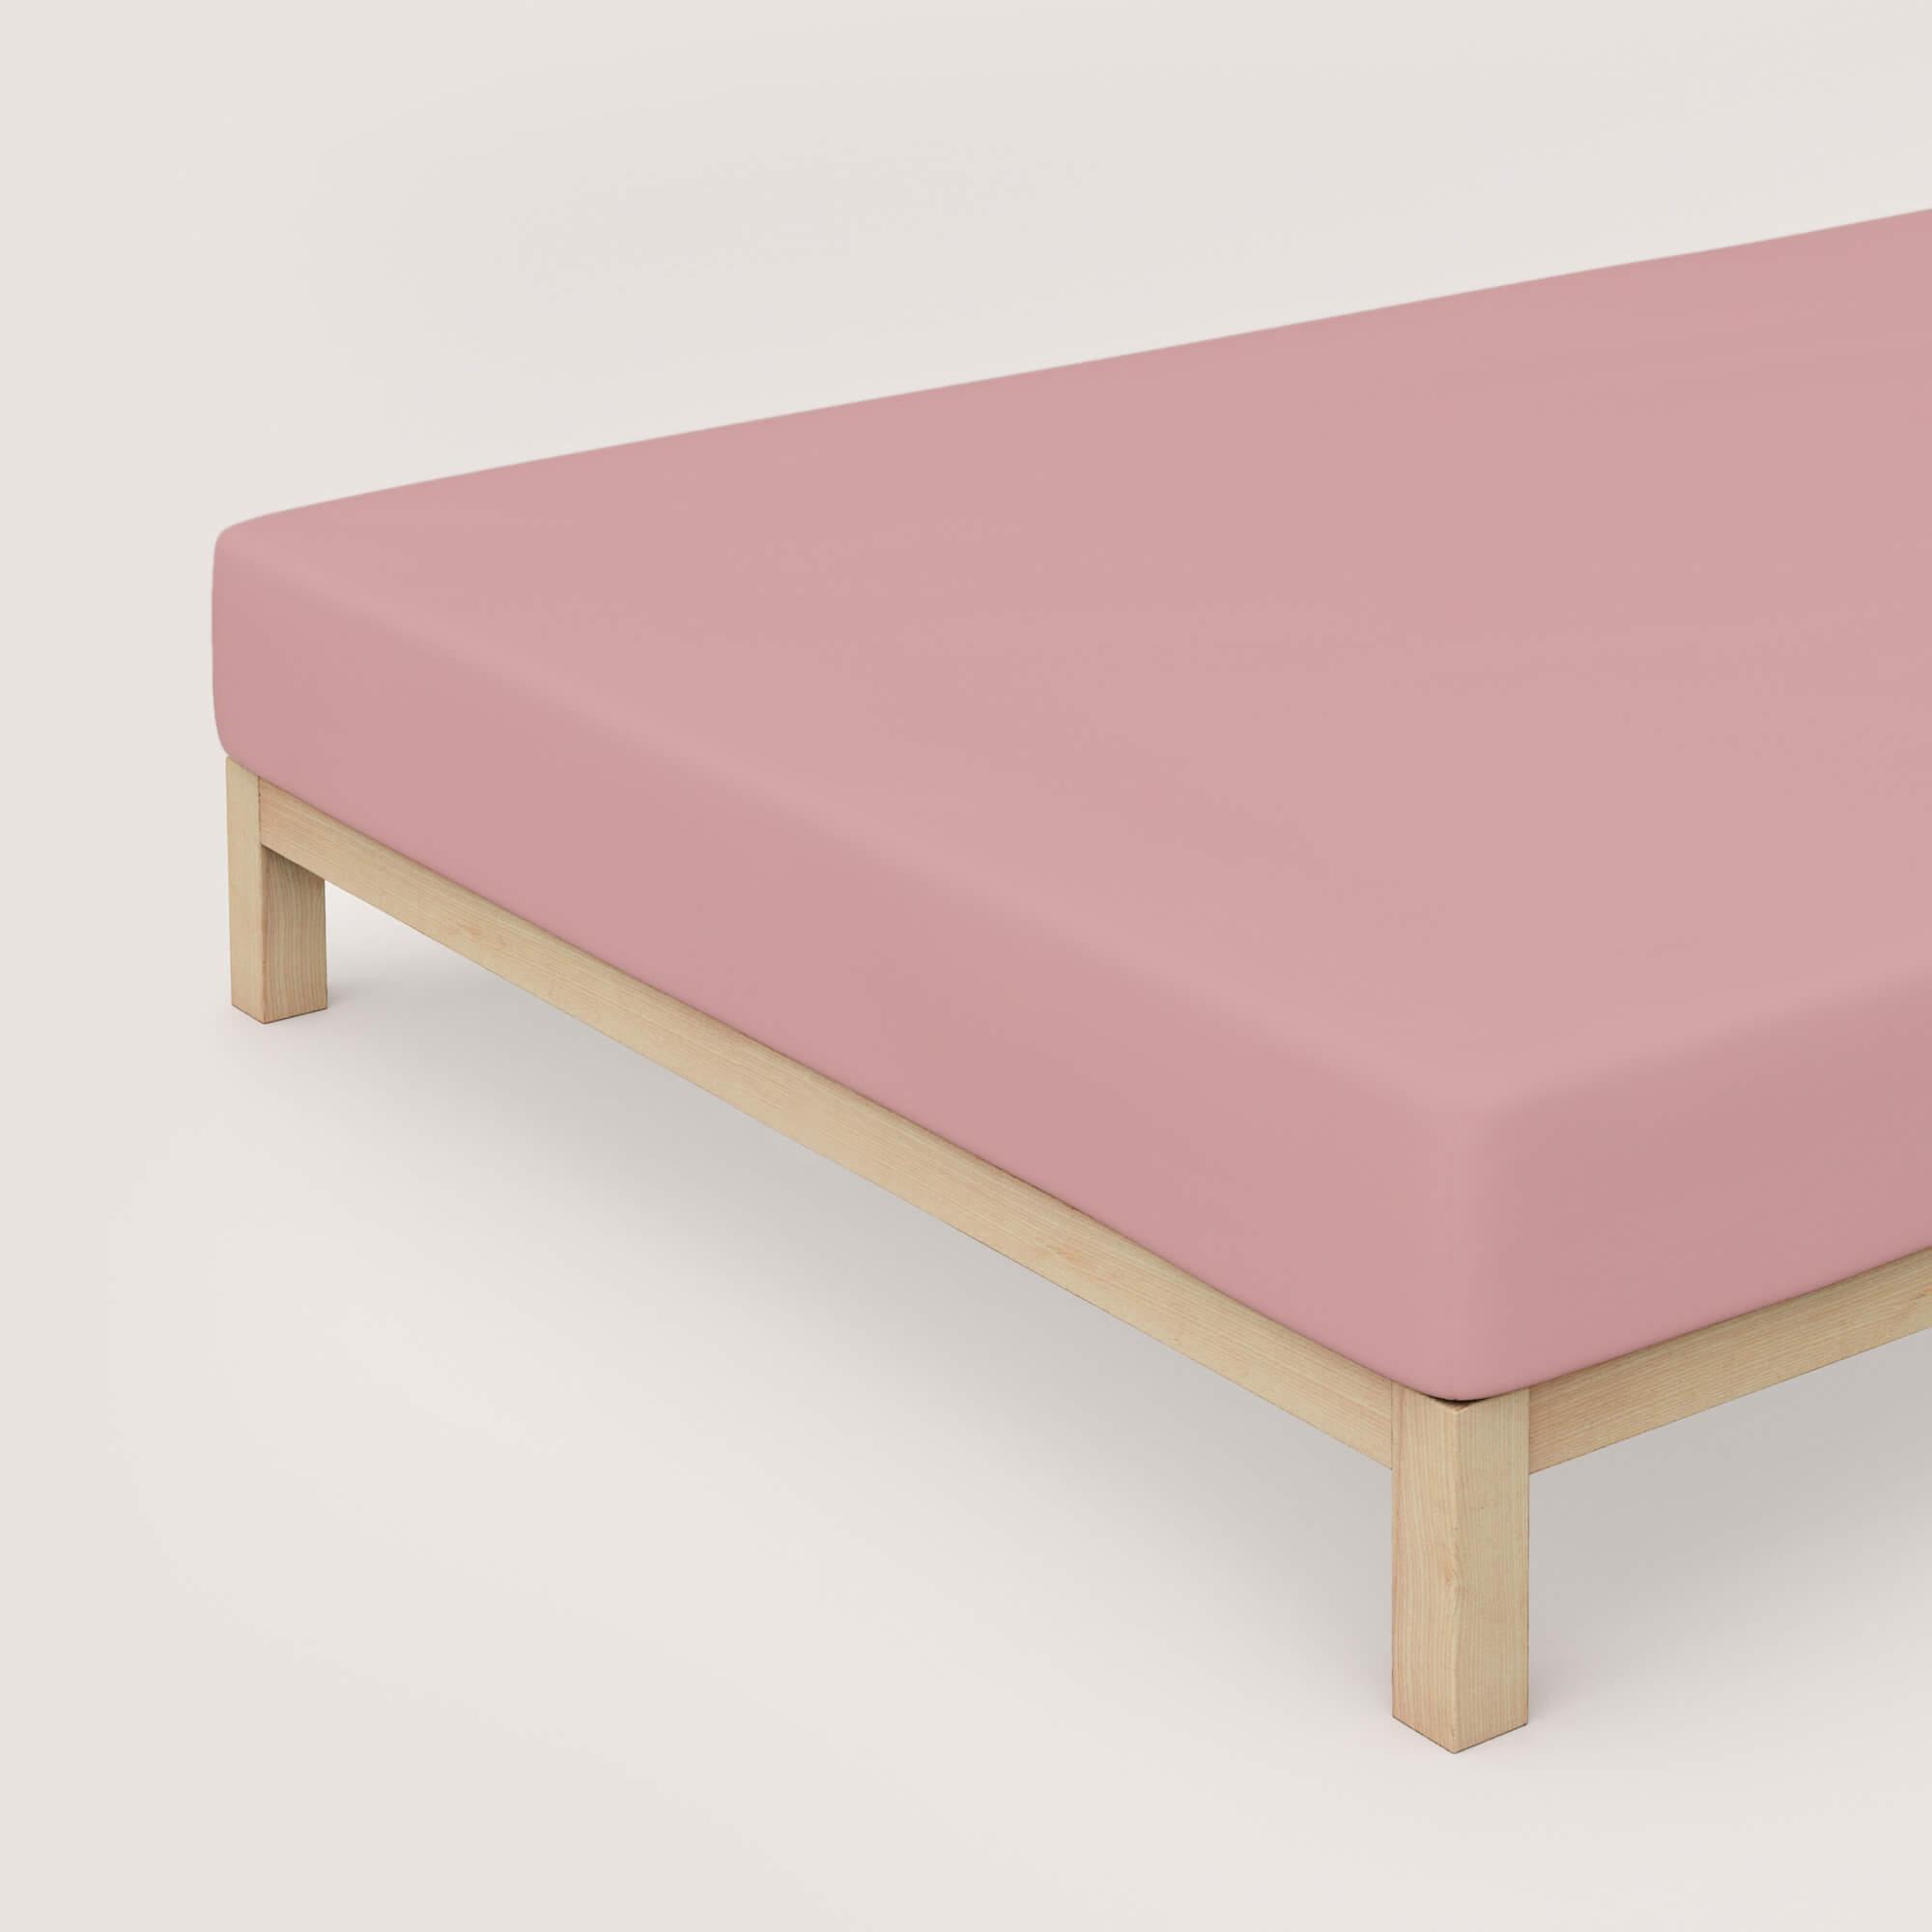 rosa schlafgut Spannbettlaken Zwirn Jersey Premium aus Baumwolle/Elasthan